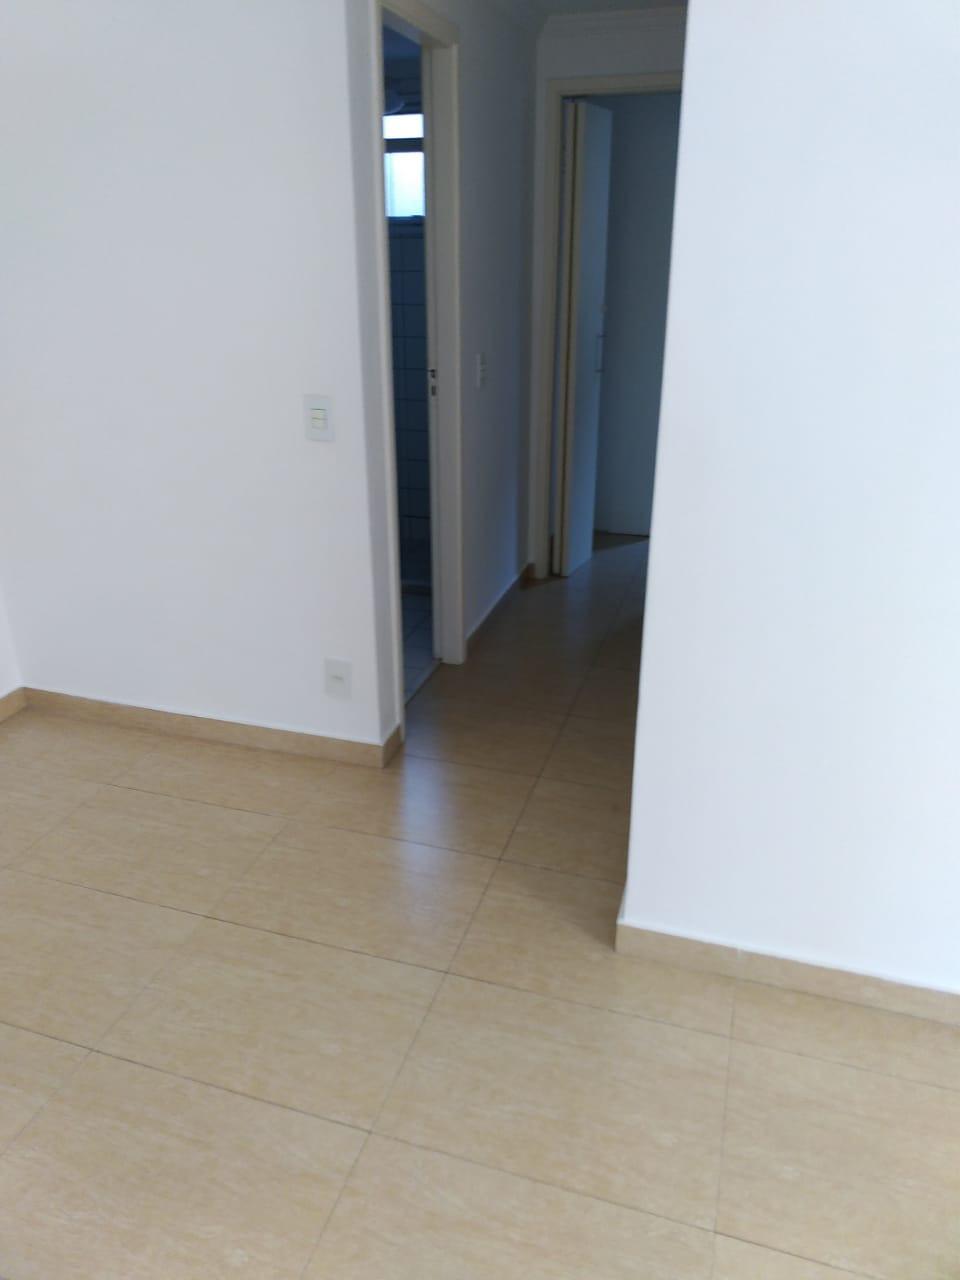 TF1052 - Lindo apartamento com 2 dormitórios na Vila Carrão. 1 vaga!